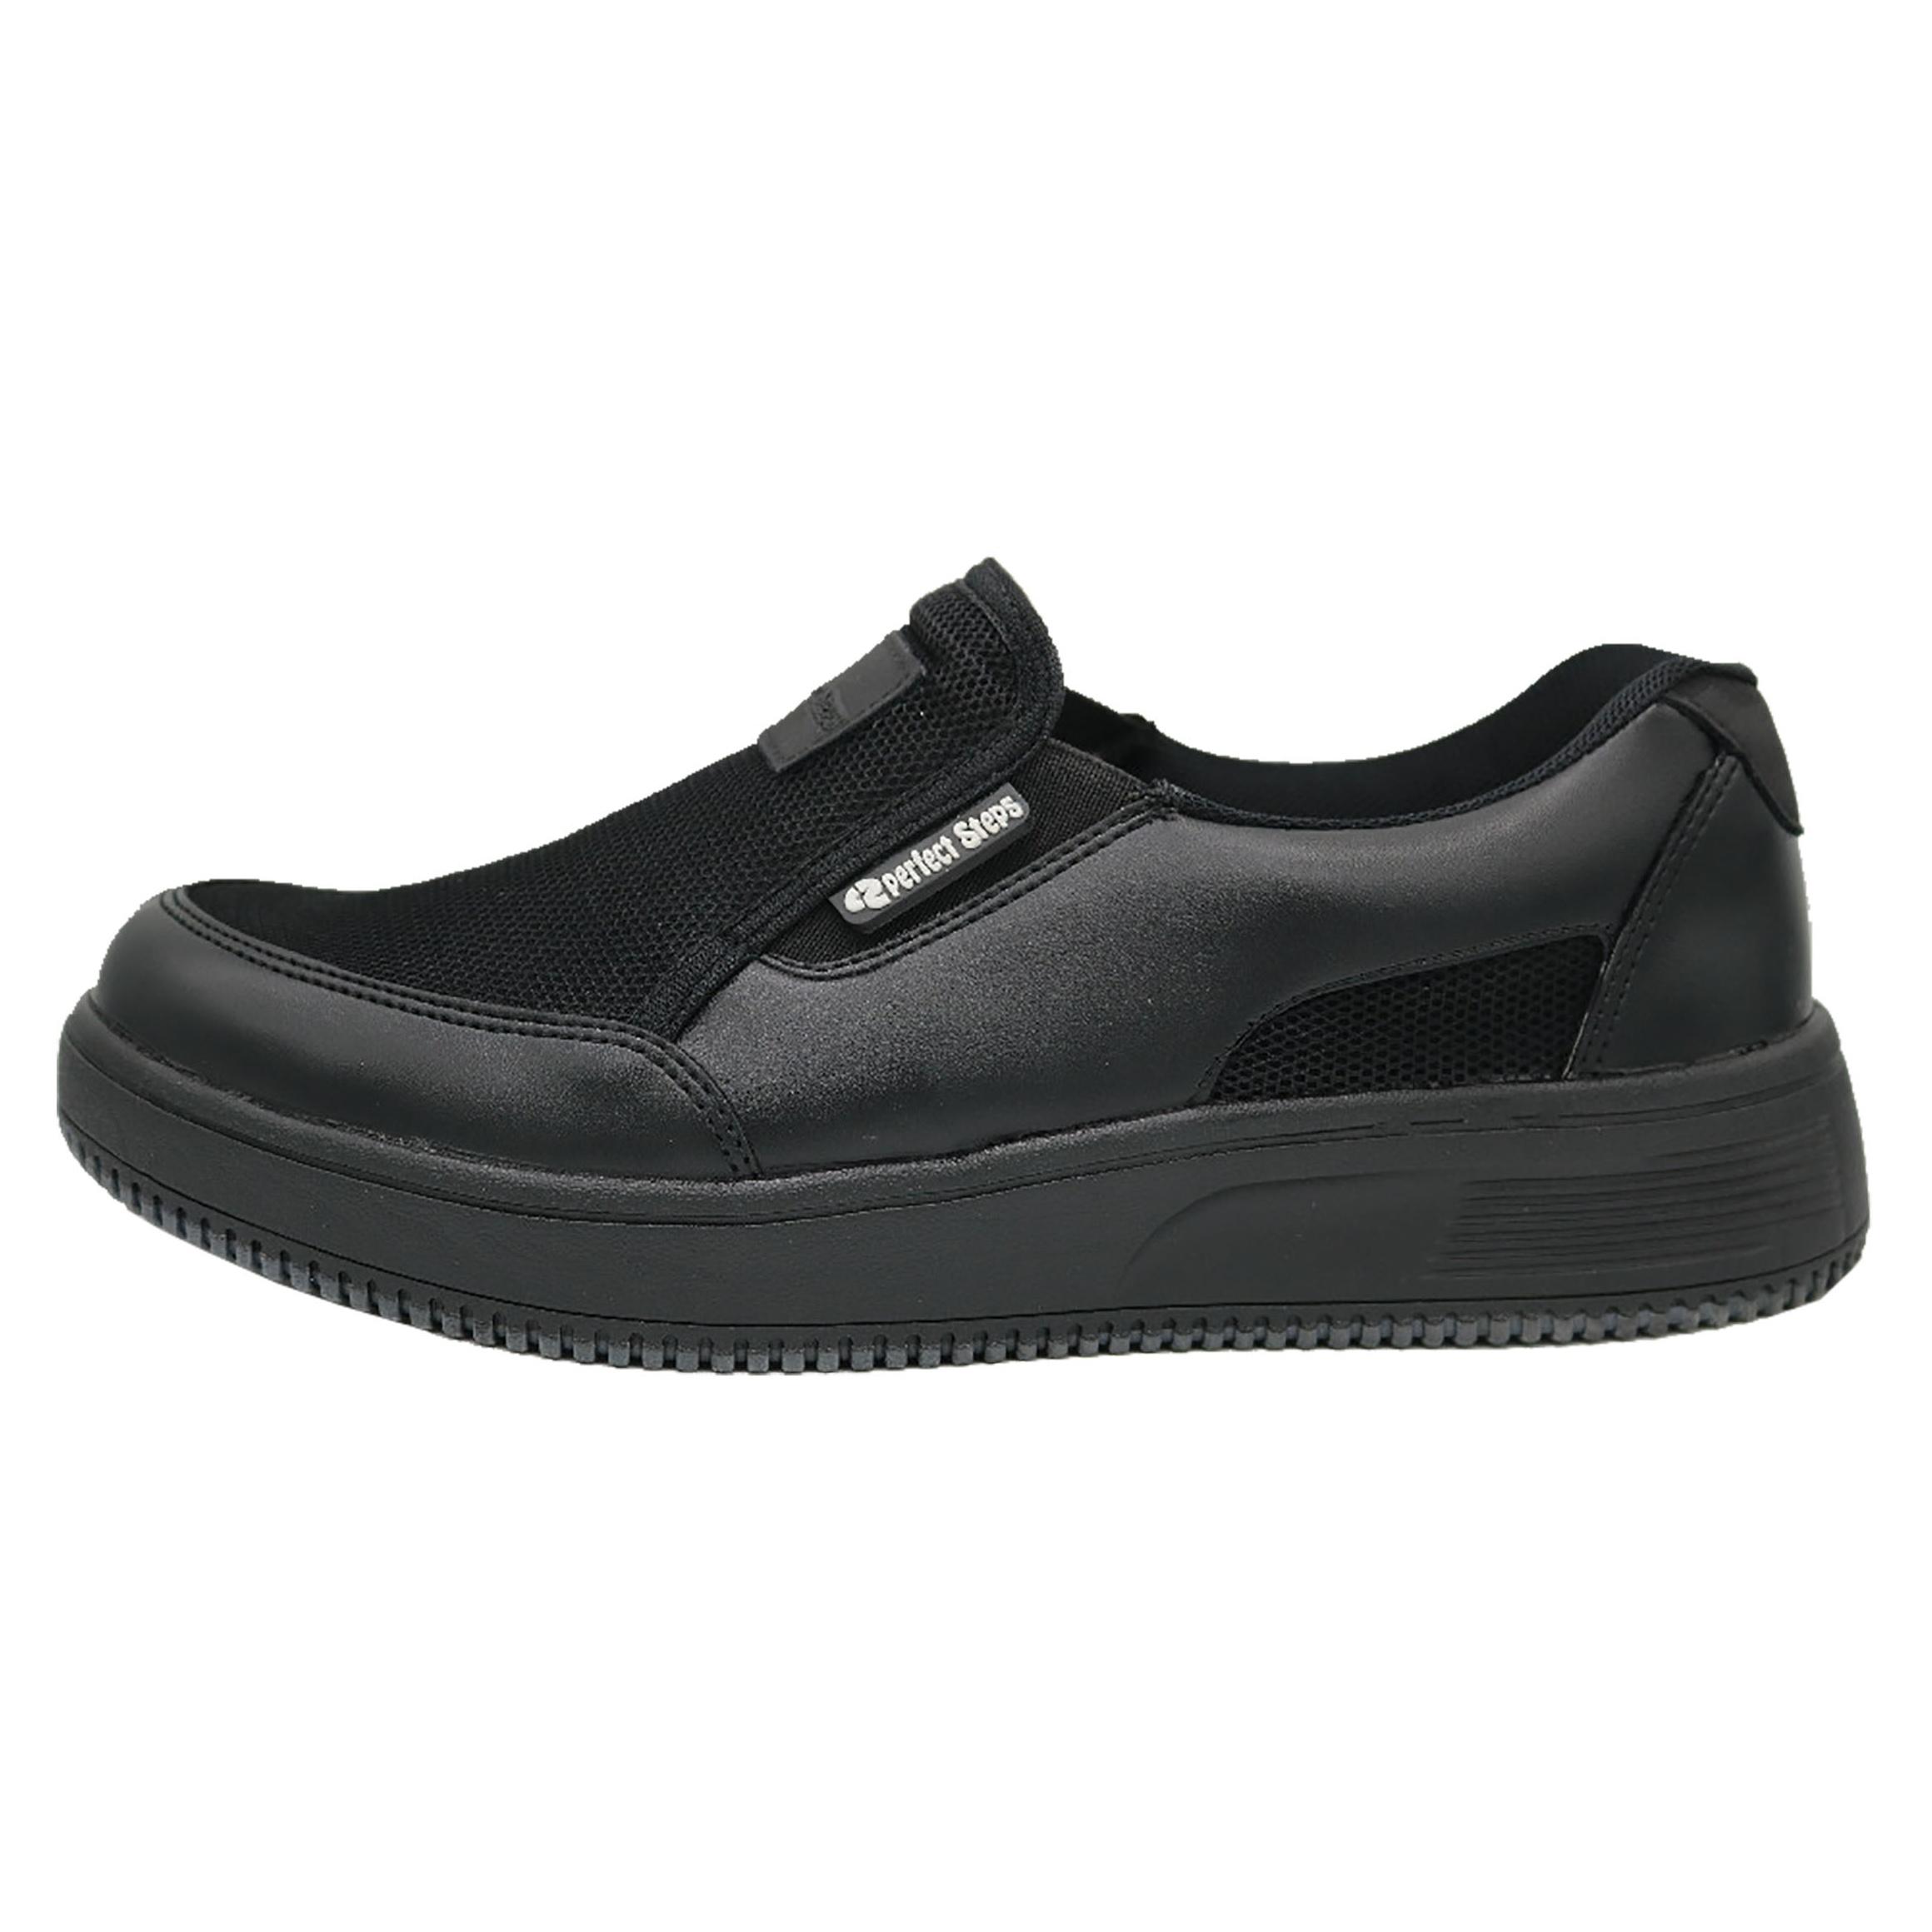 کفش مخصوص پیاده روی زنانه پرفکت استپس مدل لایف کد 1760 رنگ مشکی